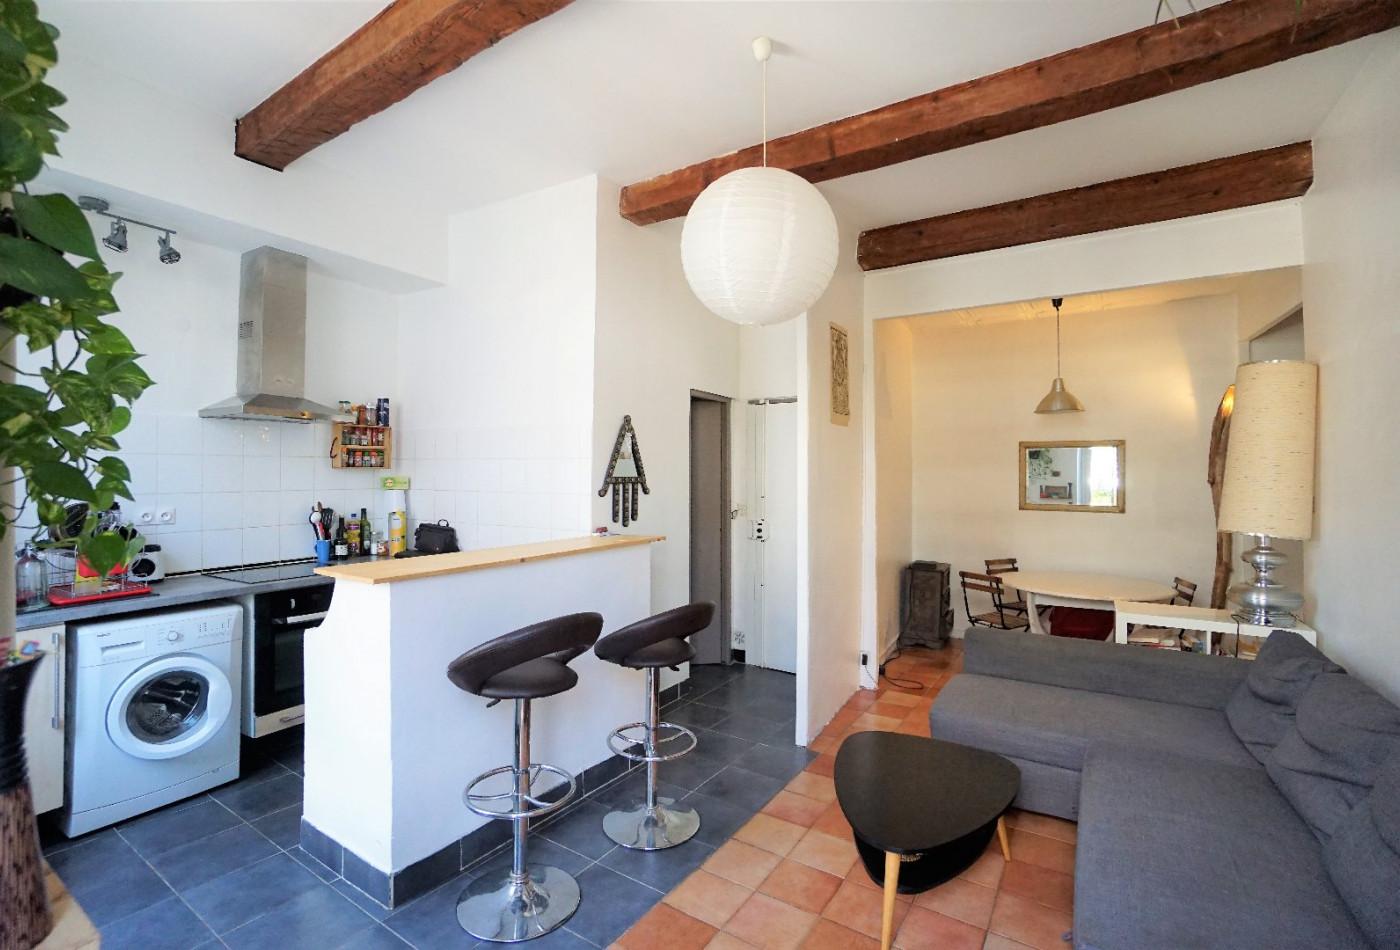 A vendre  Marseille 5eme Arrondissement   Réf 345932325 - Mat & seb montpellier